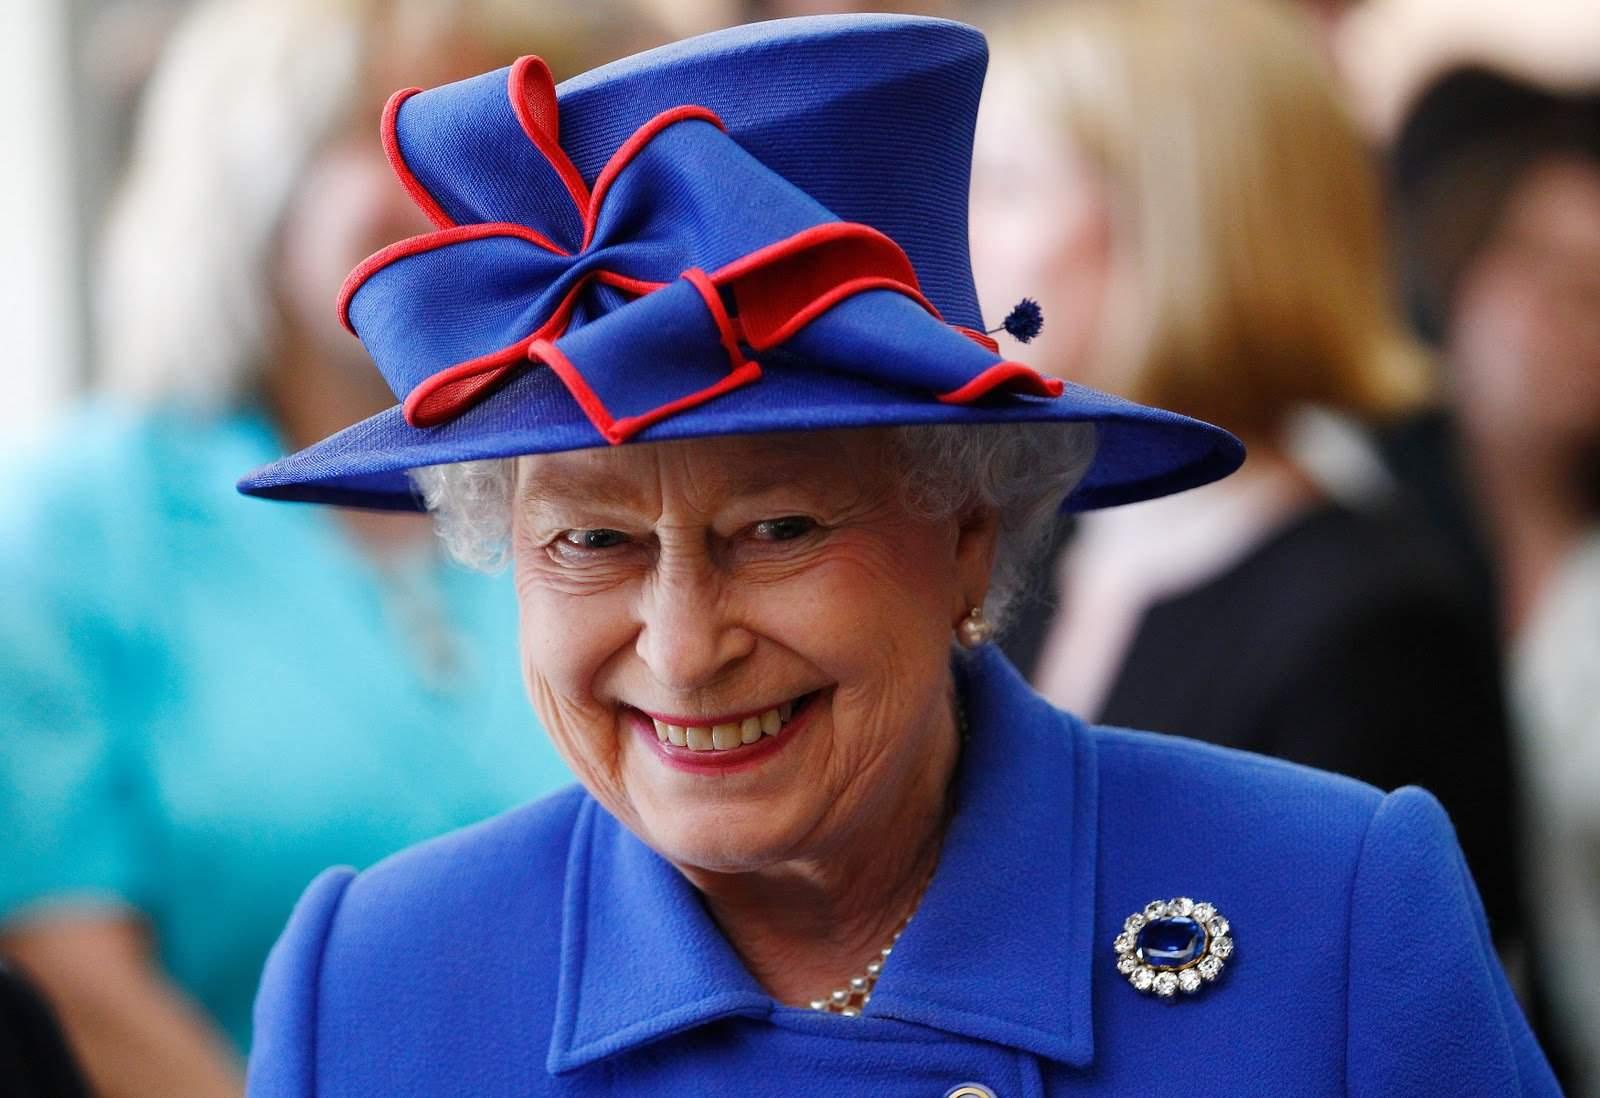 Lavorare per la Regina Elisabetta: Ti Offre Vitto, Alloggio e 20 Mila Euro